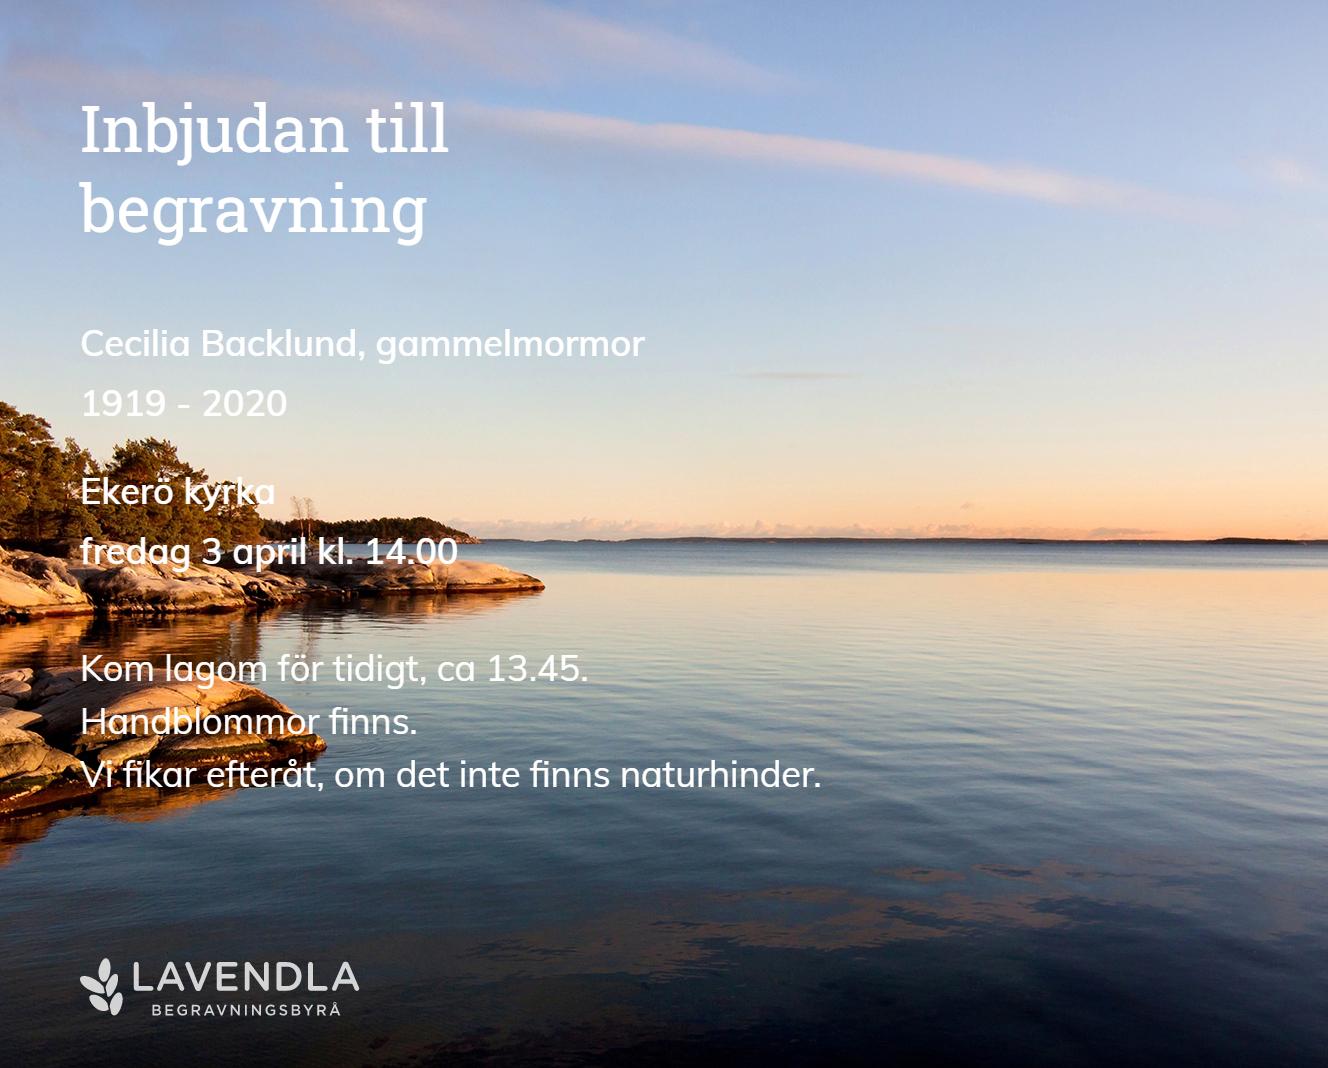 Inbjudningskort till ceremonin för Cecilia Backlund, gammelmormor